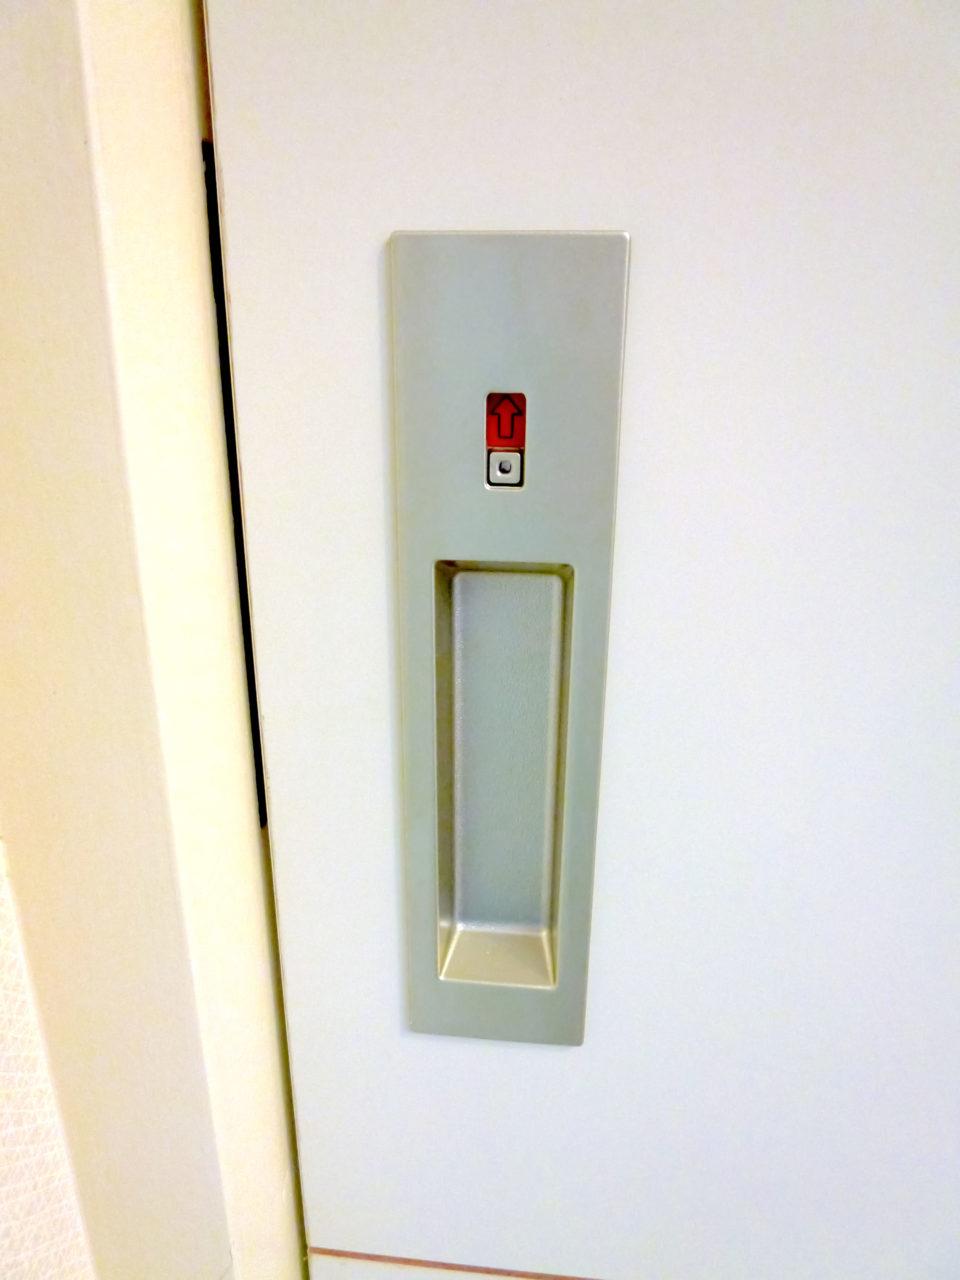 外から見たトイレの表示錠